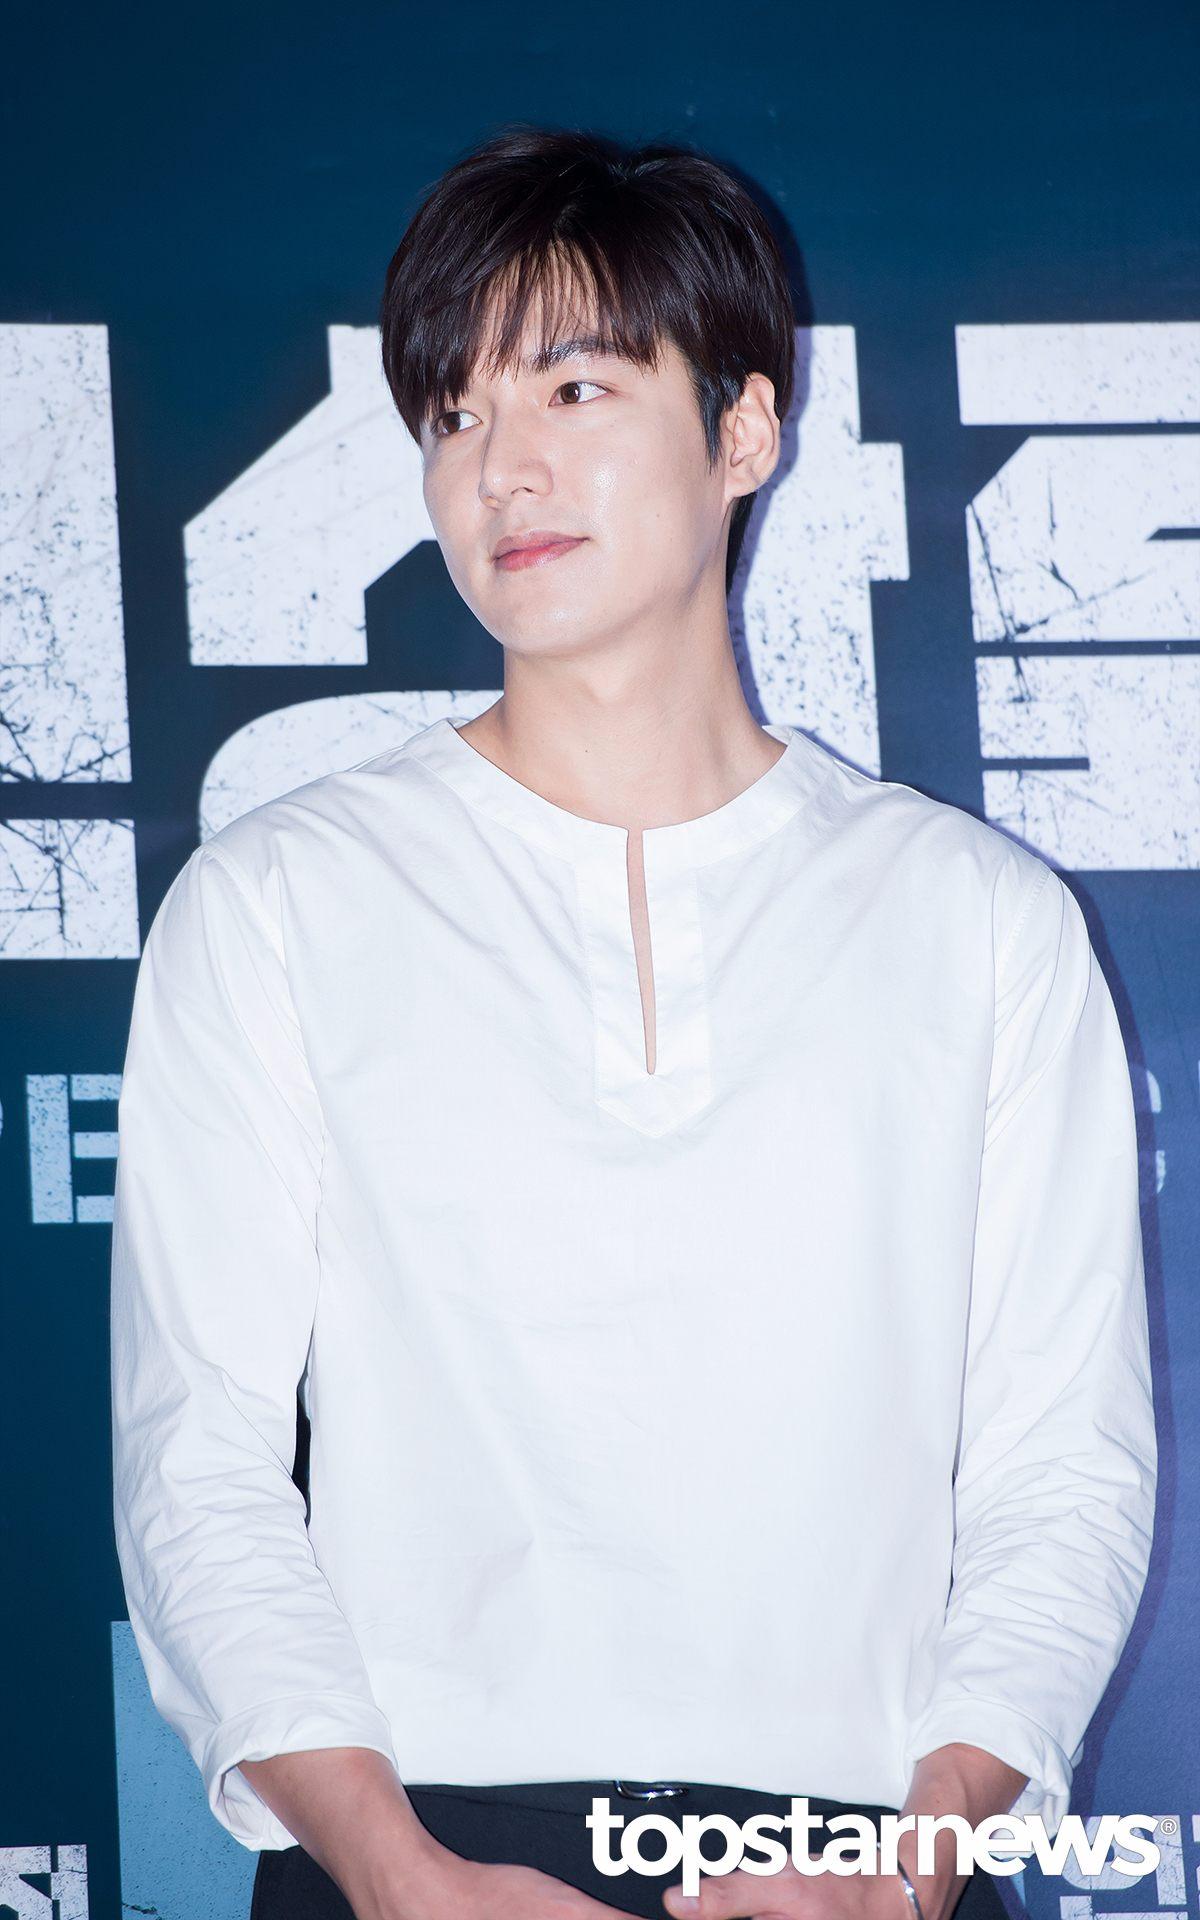 男主角則是由李敏鎬出演,李敏鎬過去當然也演過SBS的戲劇啦~(笑)像是《城市獵人》和《繼承者們》這兩部經典的作品,就都是SBS出品的水木劇呦!